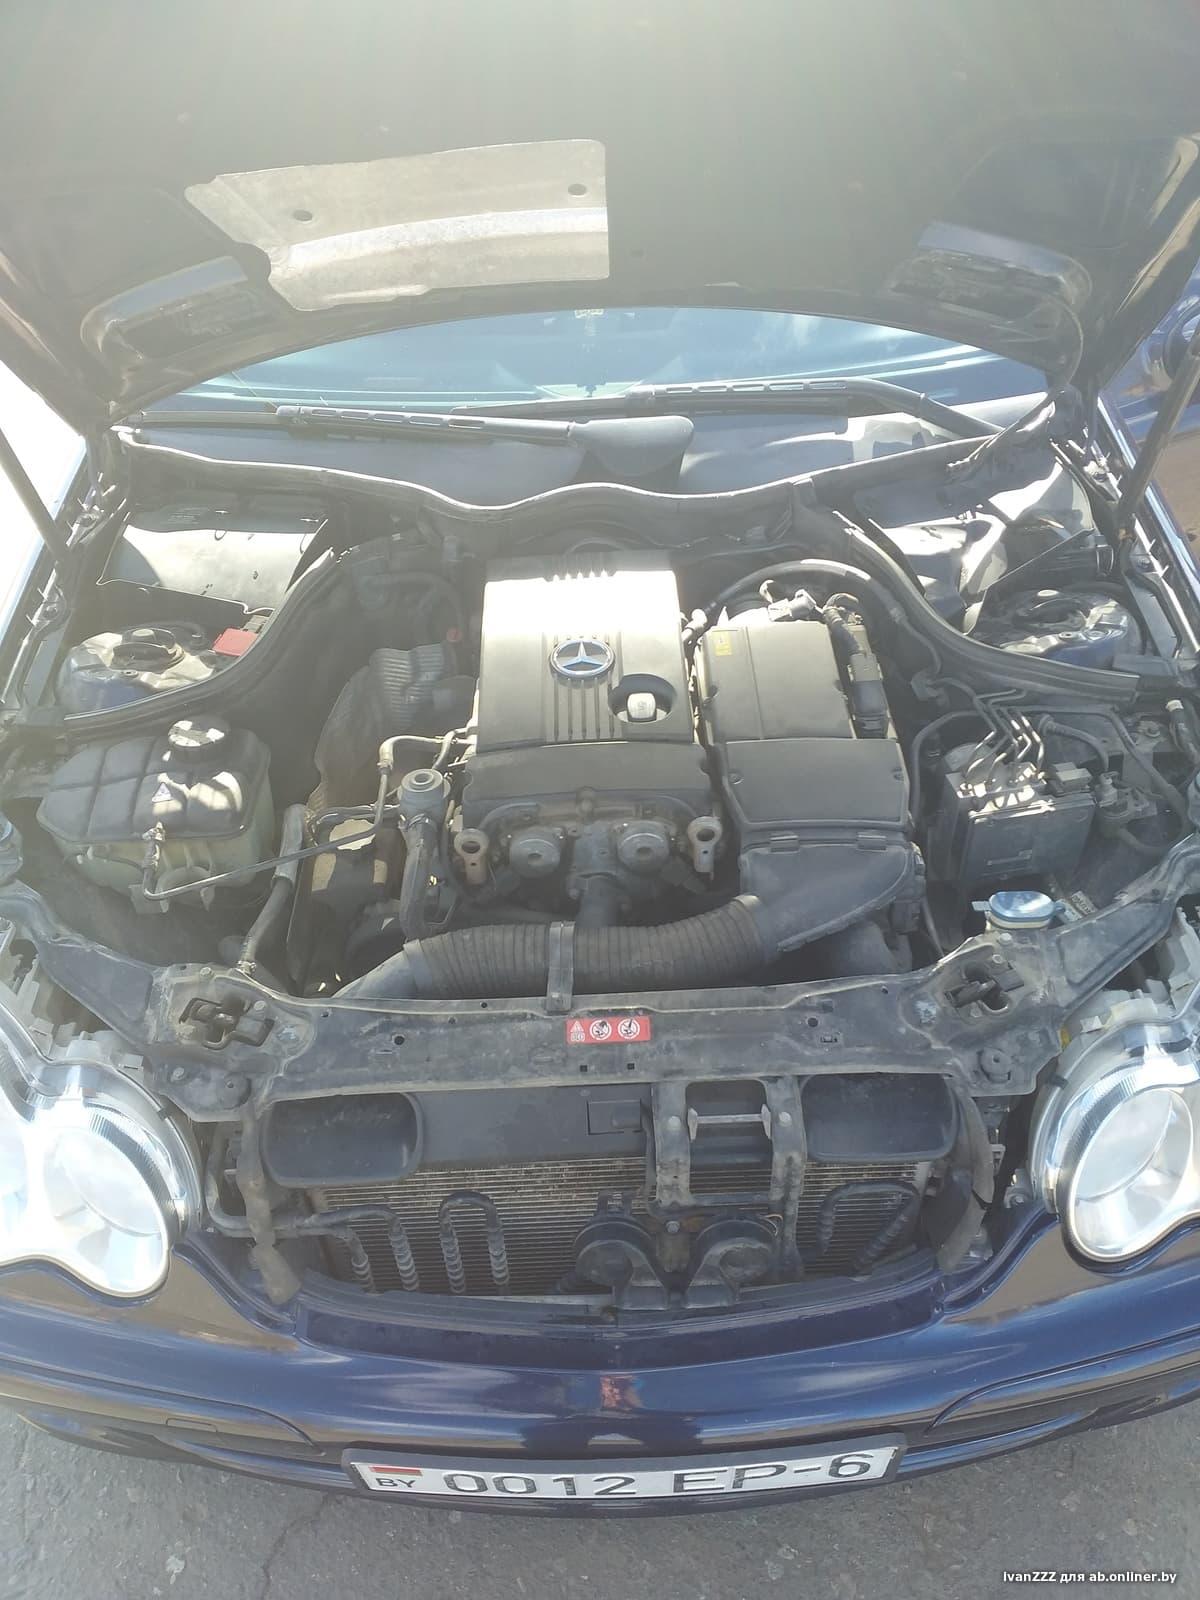 Mercedes-Benz C180 Kompressor